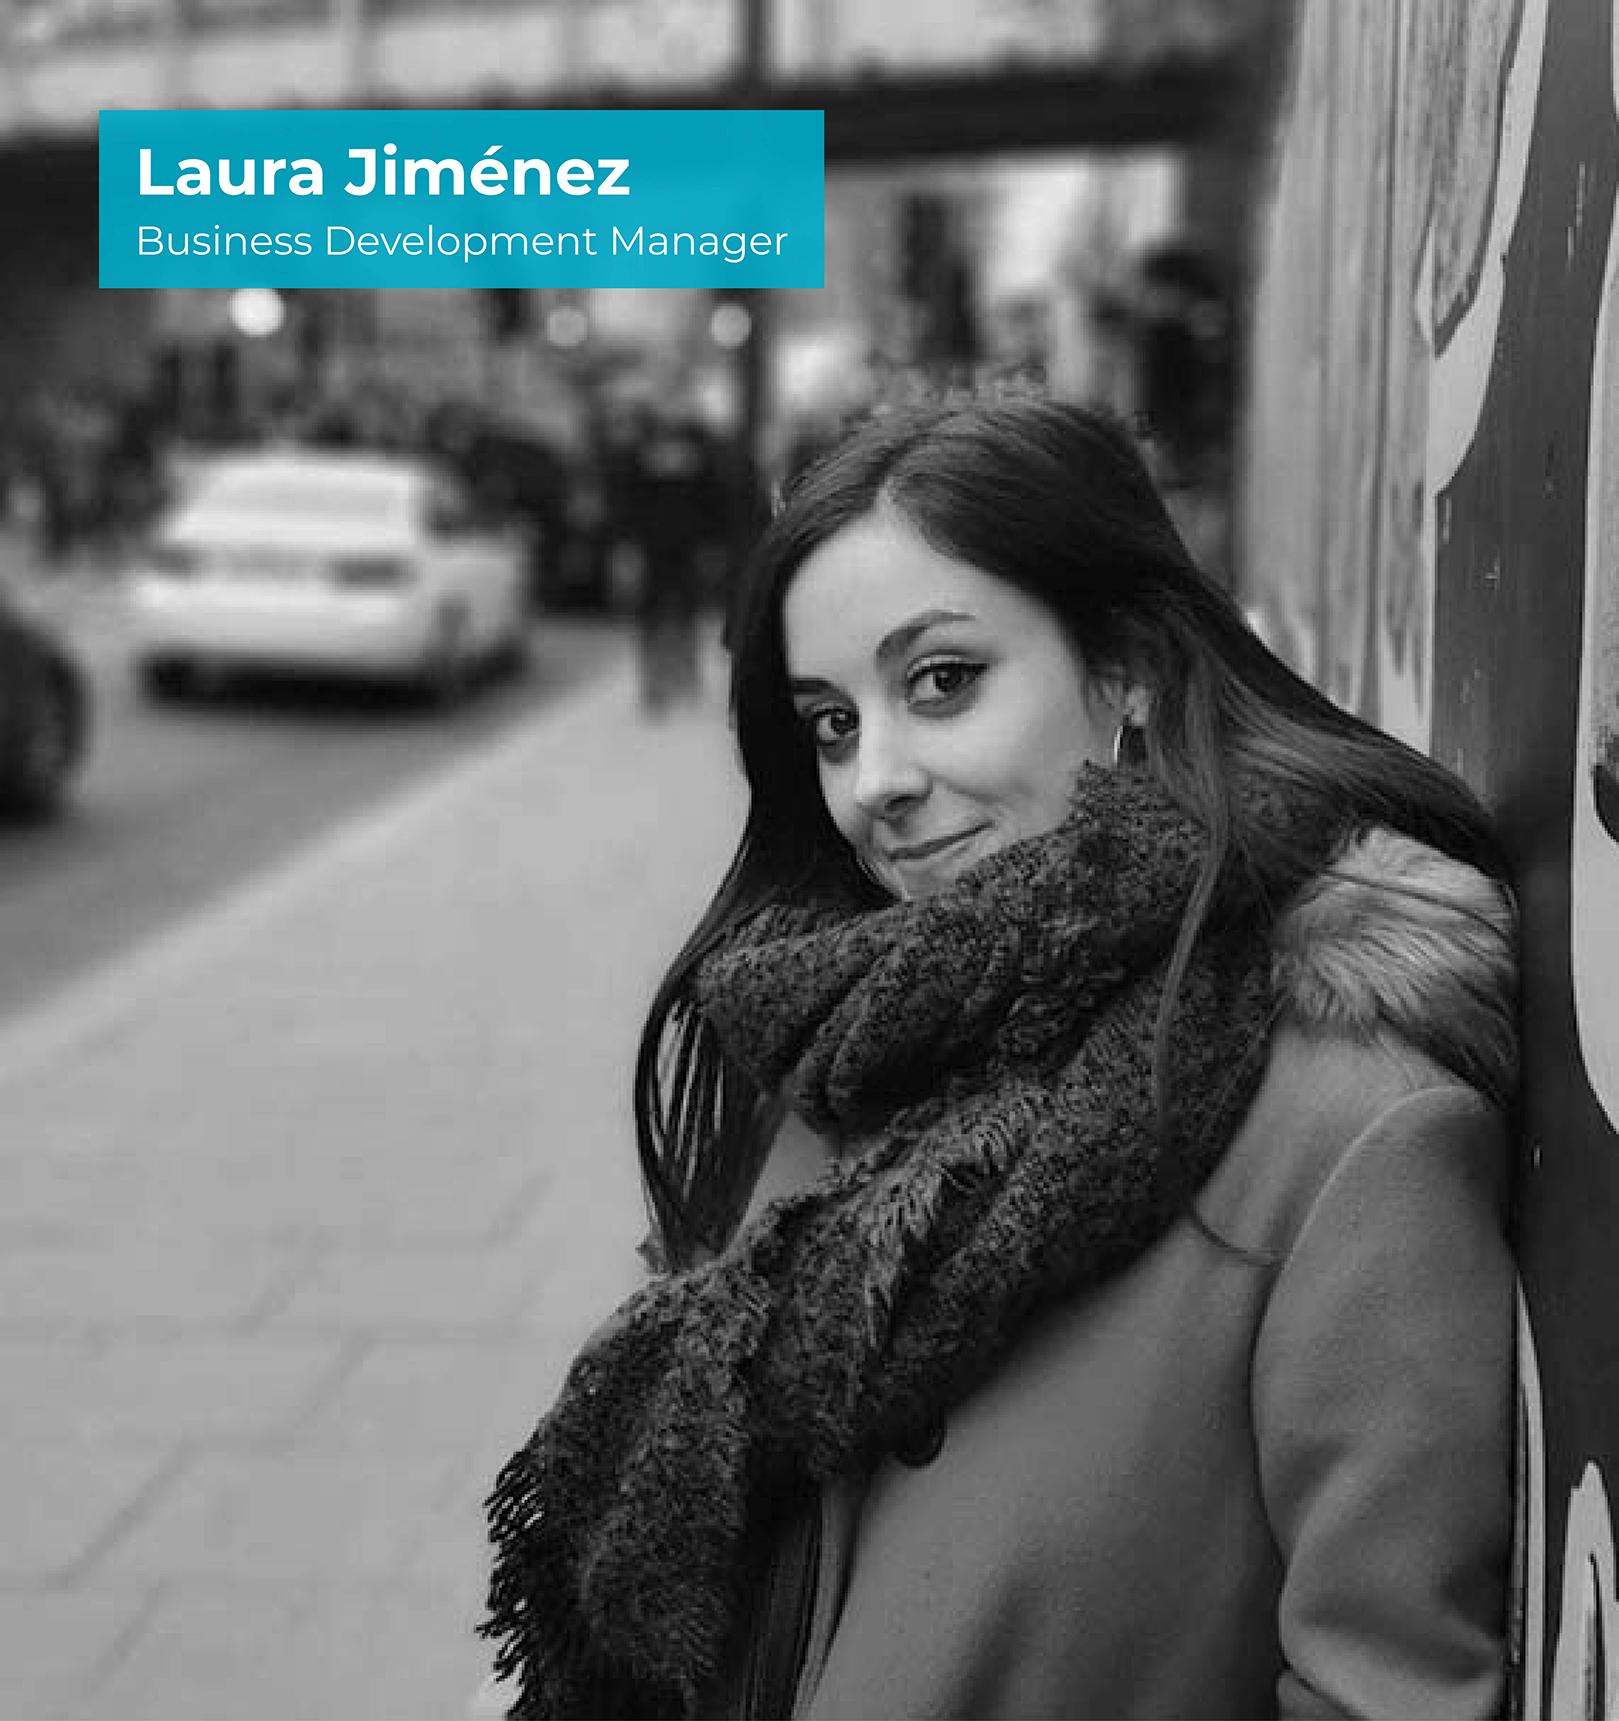 5 LAURA JIMENEZ